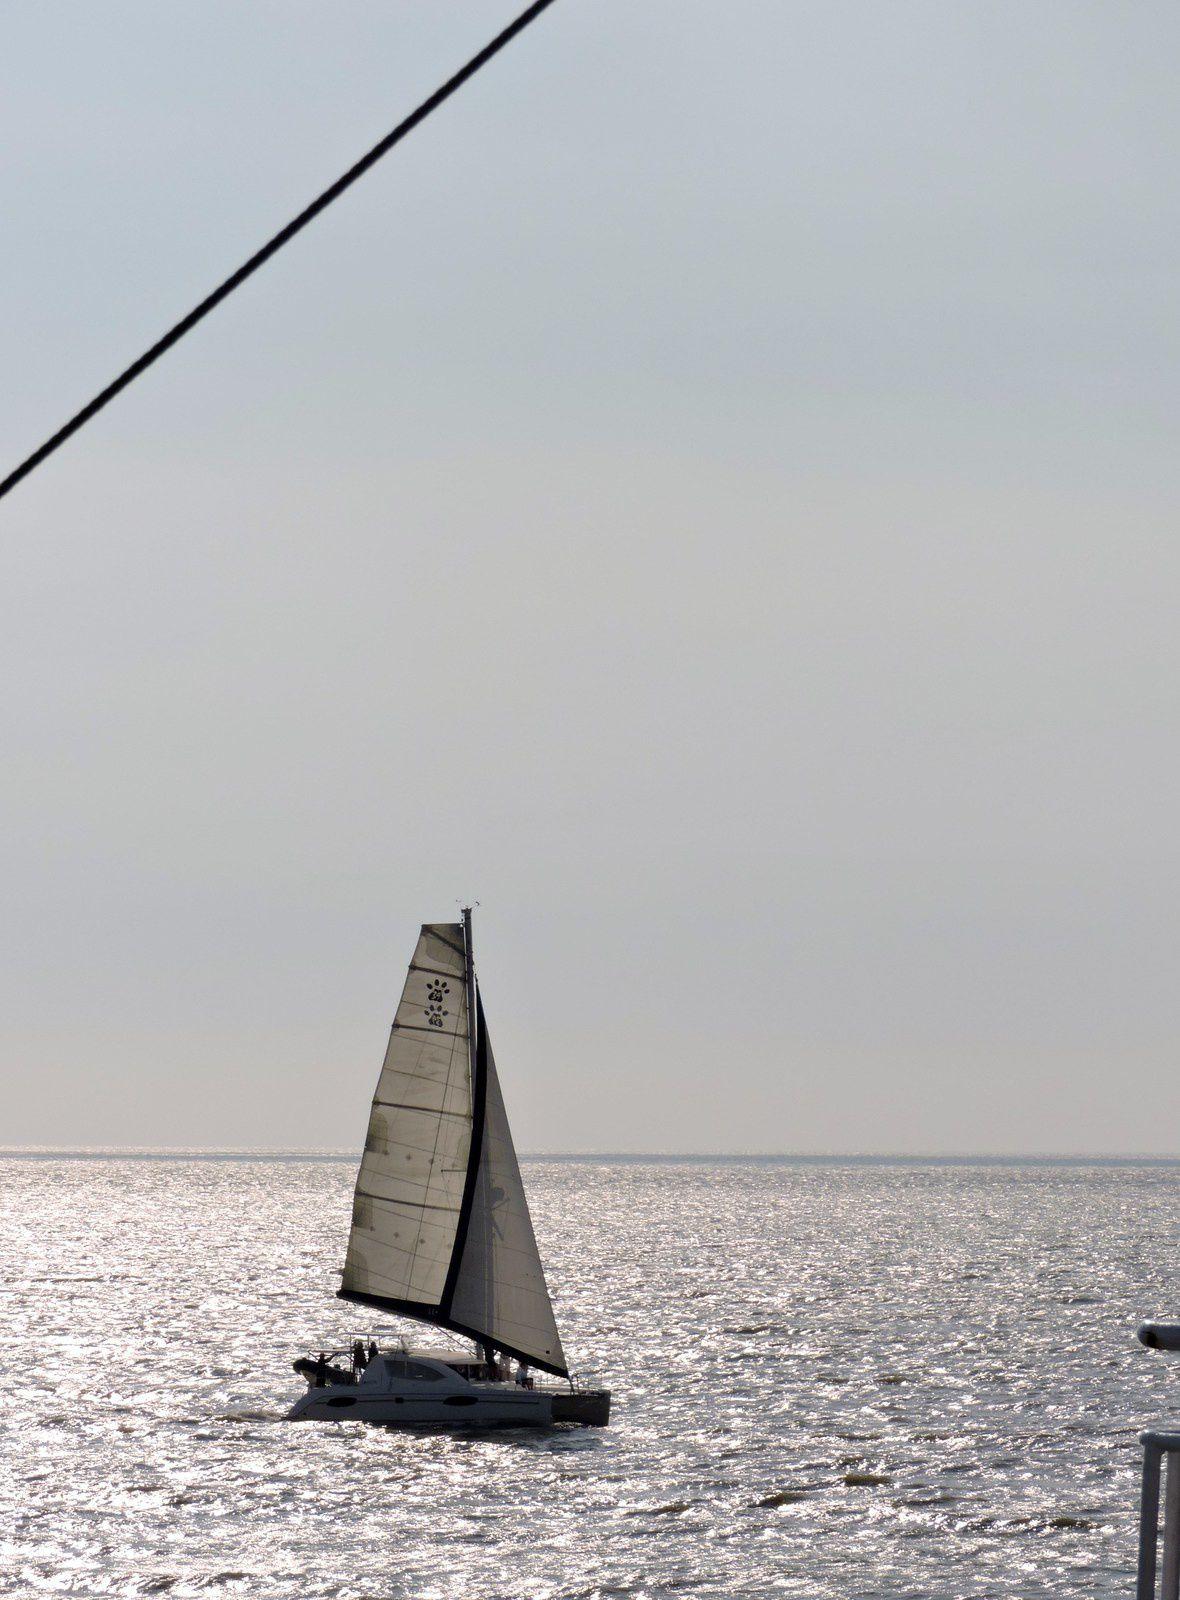 Sur le bâteau je regarde au loin le phare de Cordouan qui s'éloigne et la côte Charentaise qui se rapproche doucement...